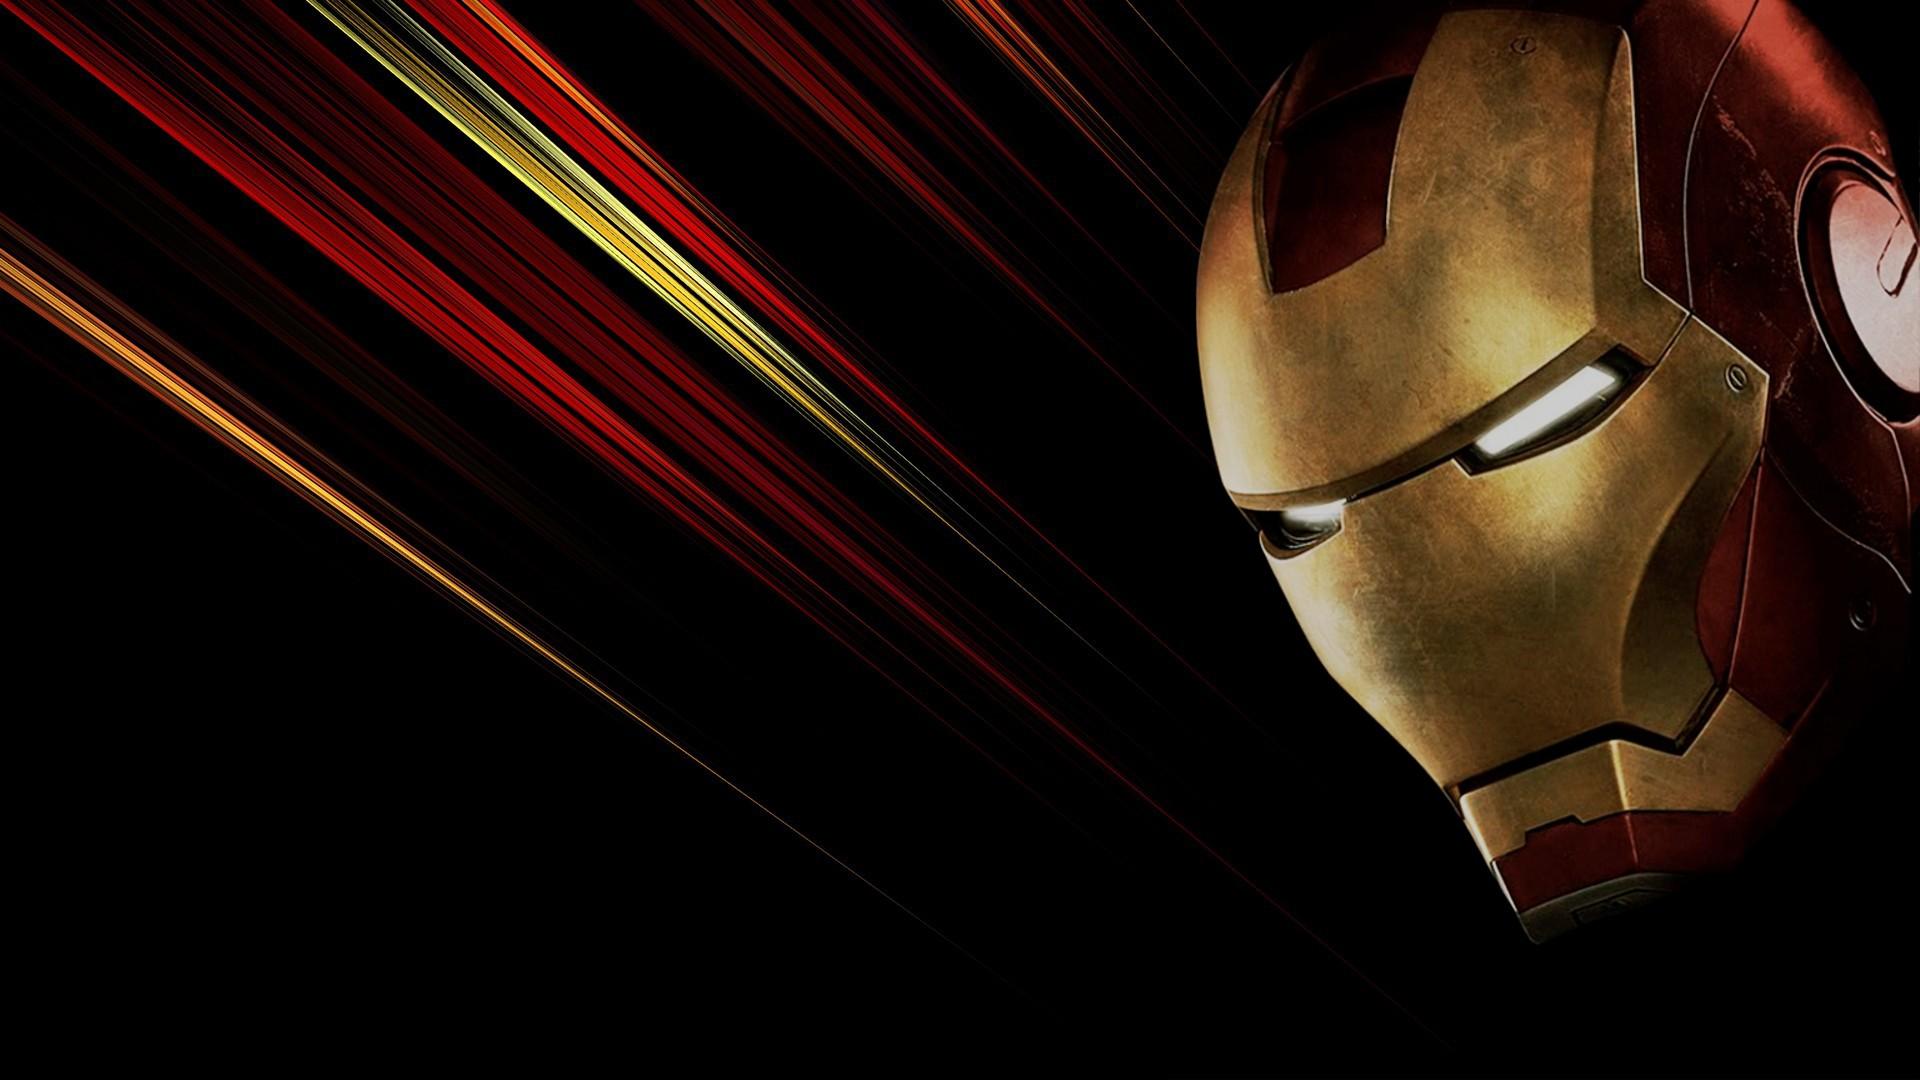 Movie Iron Man 1920x1080